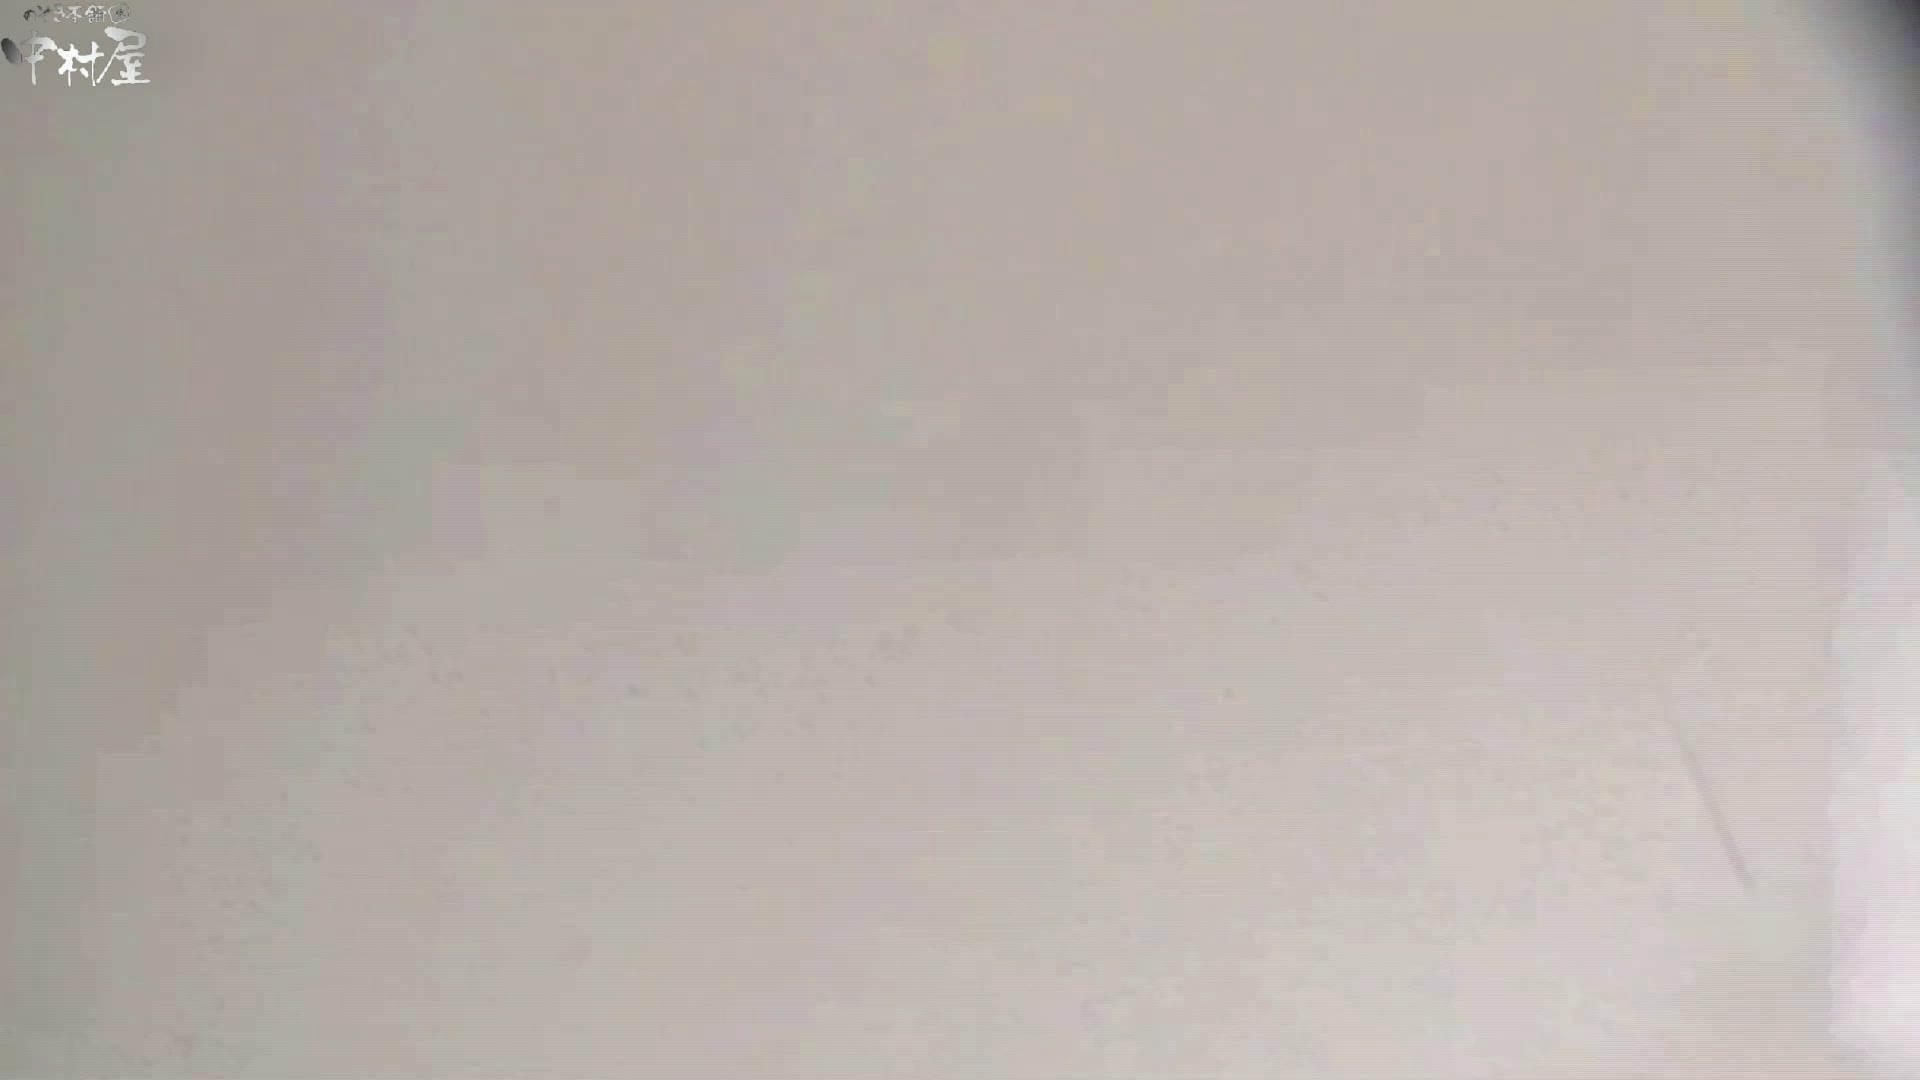 お市さんの「お尻丸出しジャンボリー」No.13 盗撮 | 黒人  50連発 23